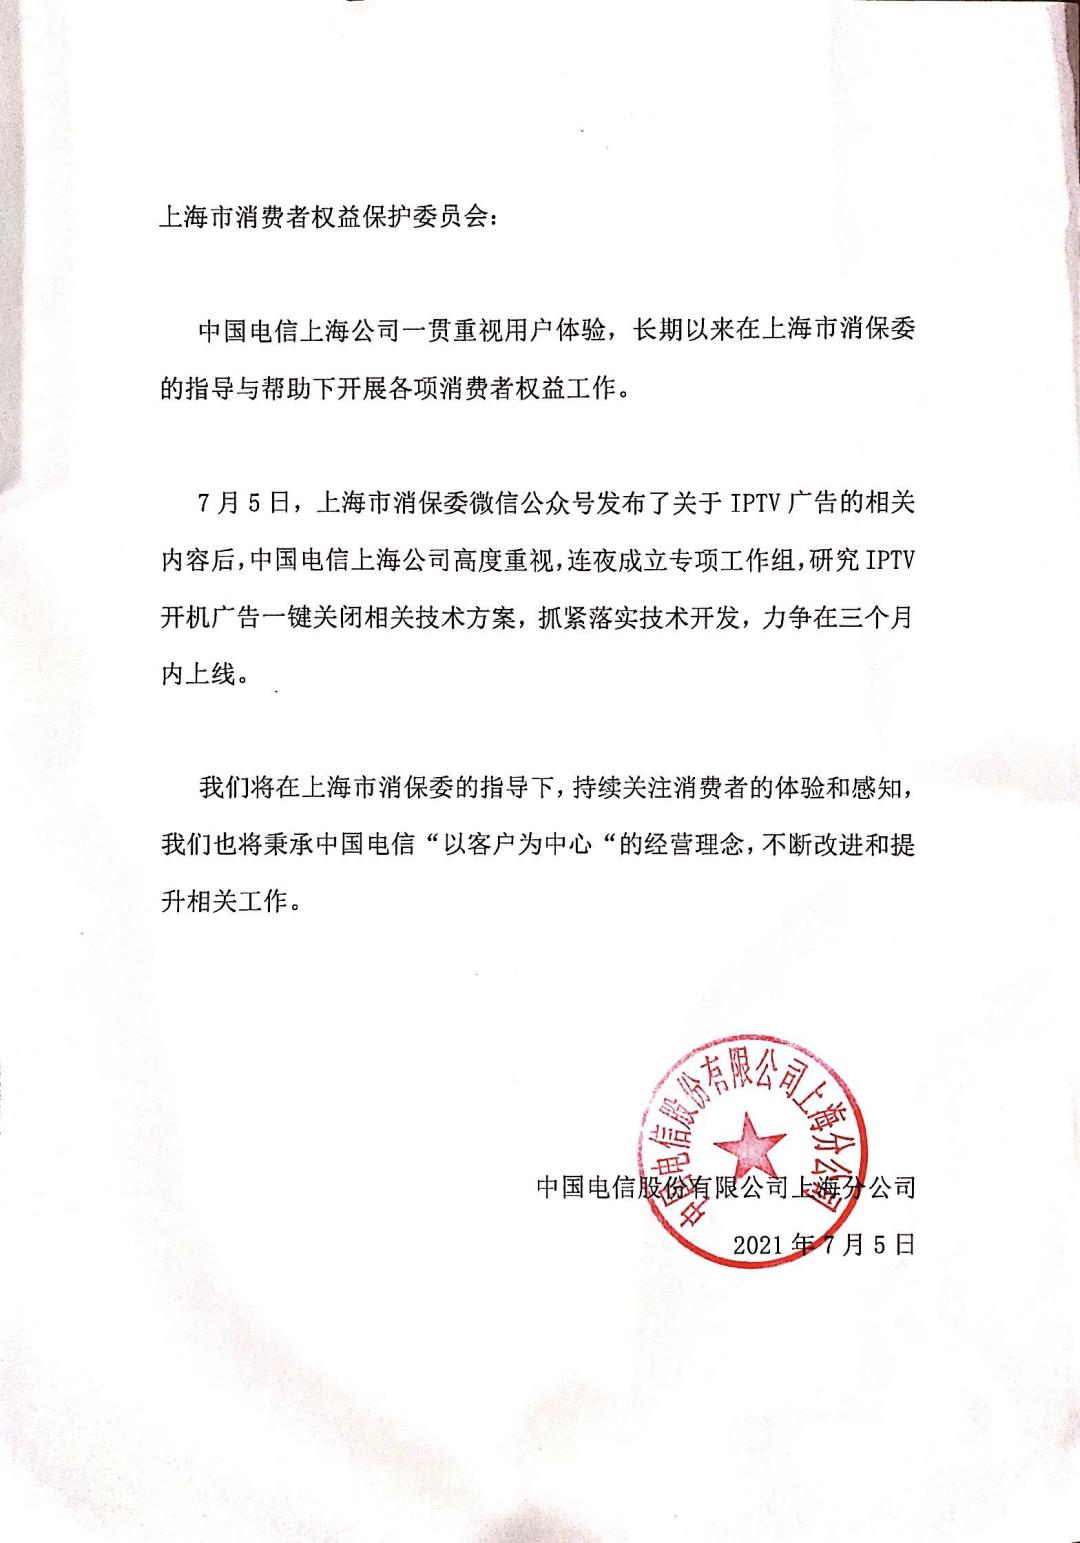 中国电信IPTV开机广告关不掉?上海市消保委发声了